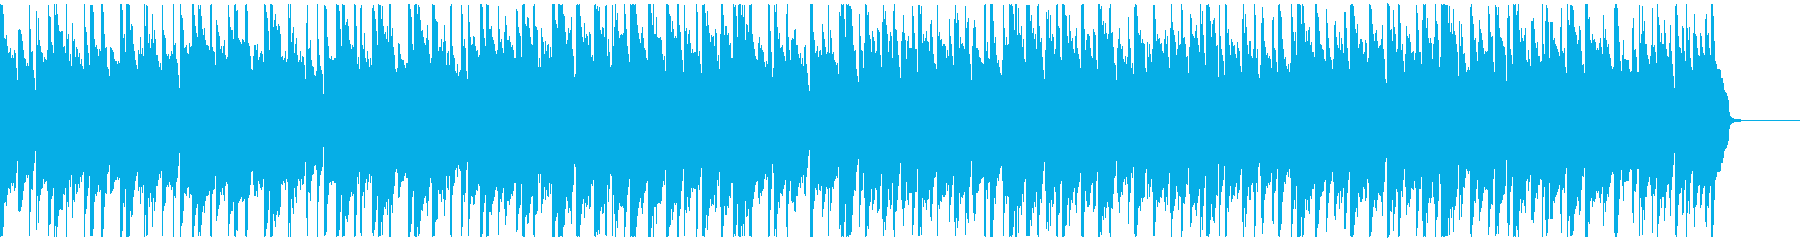 ホームバックポーチホンキートンクピ...の再生済みの波形